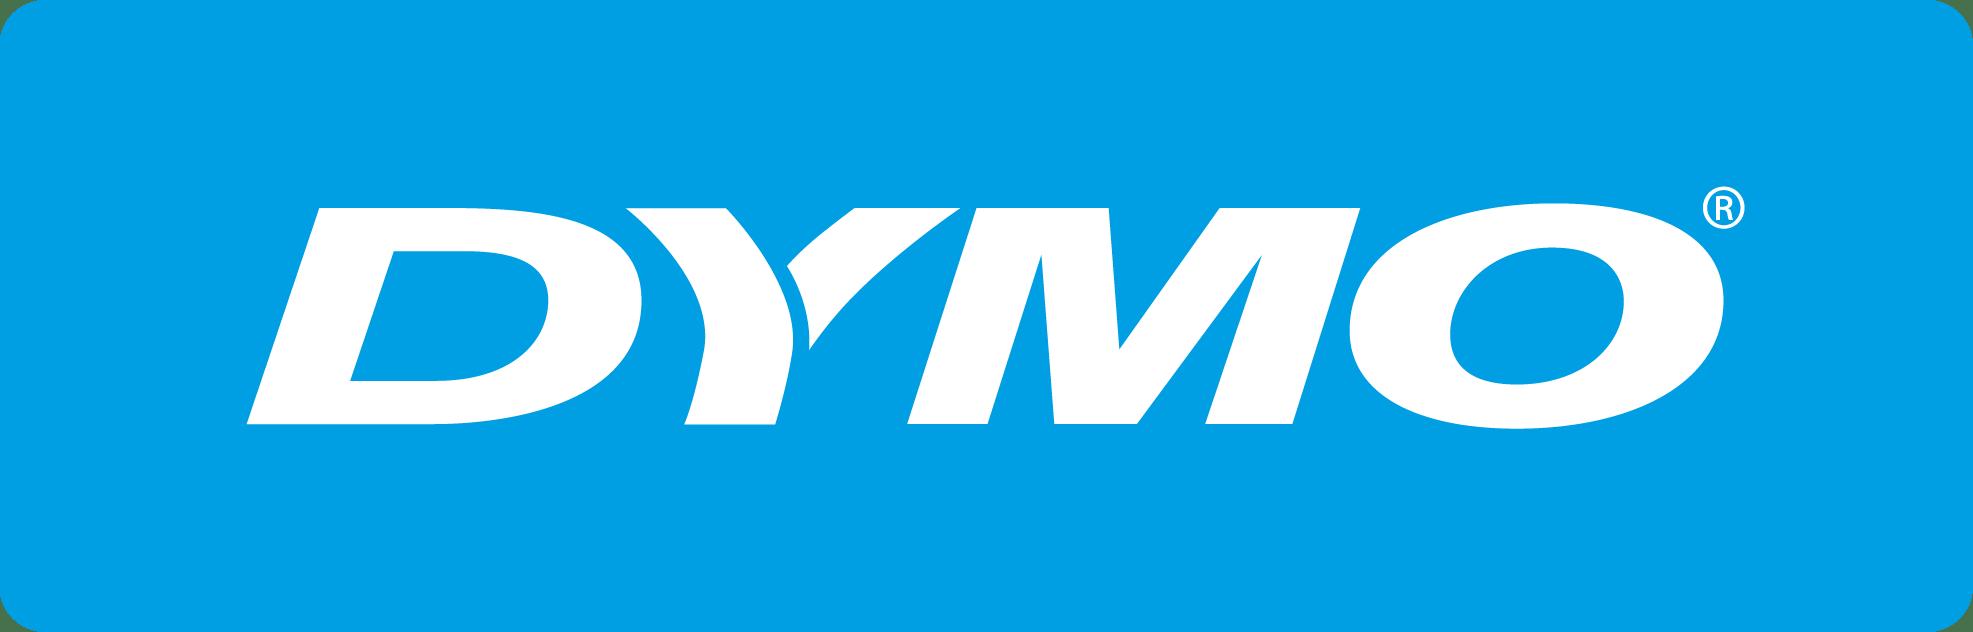 DYMO Logo png